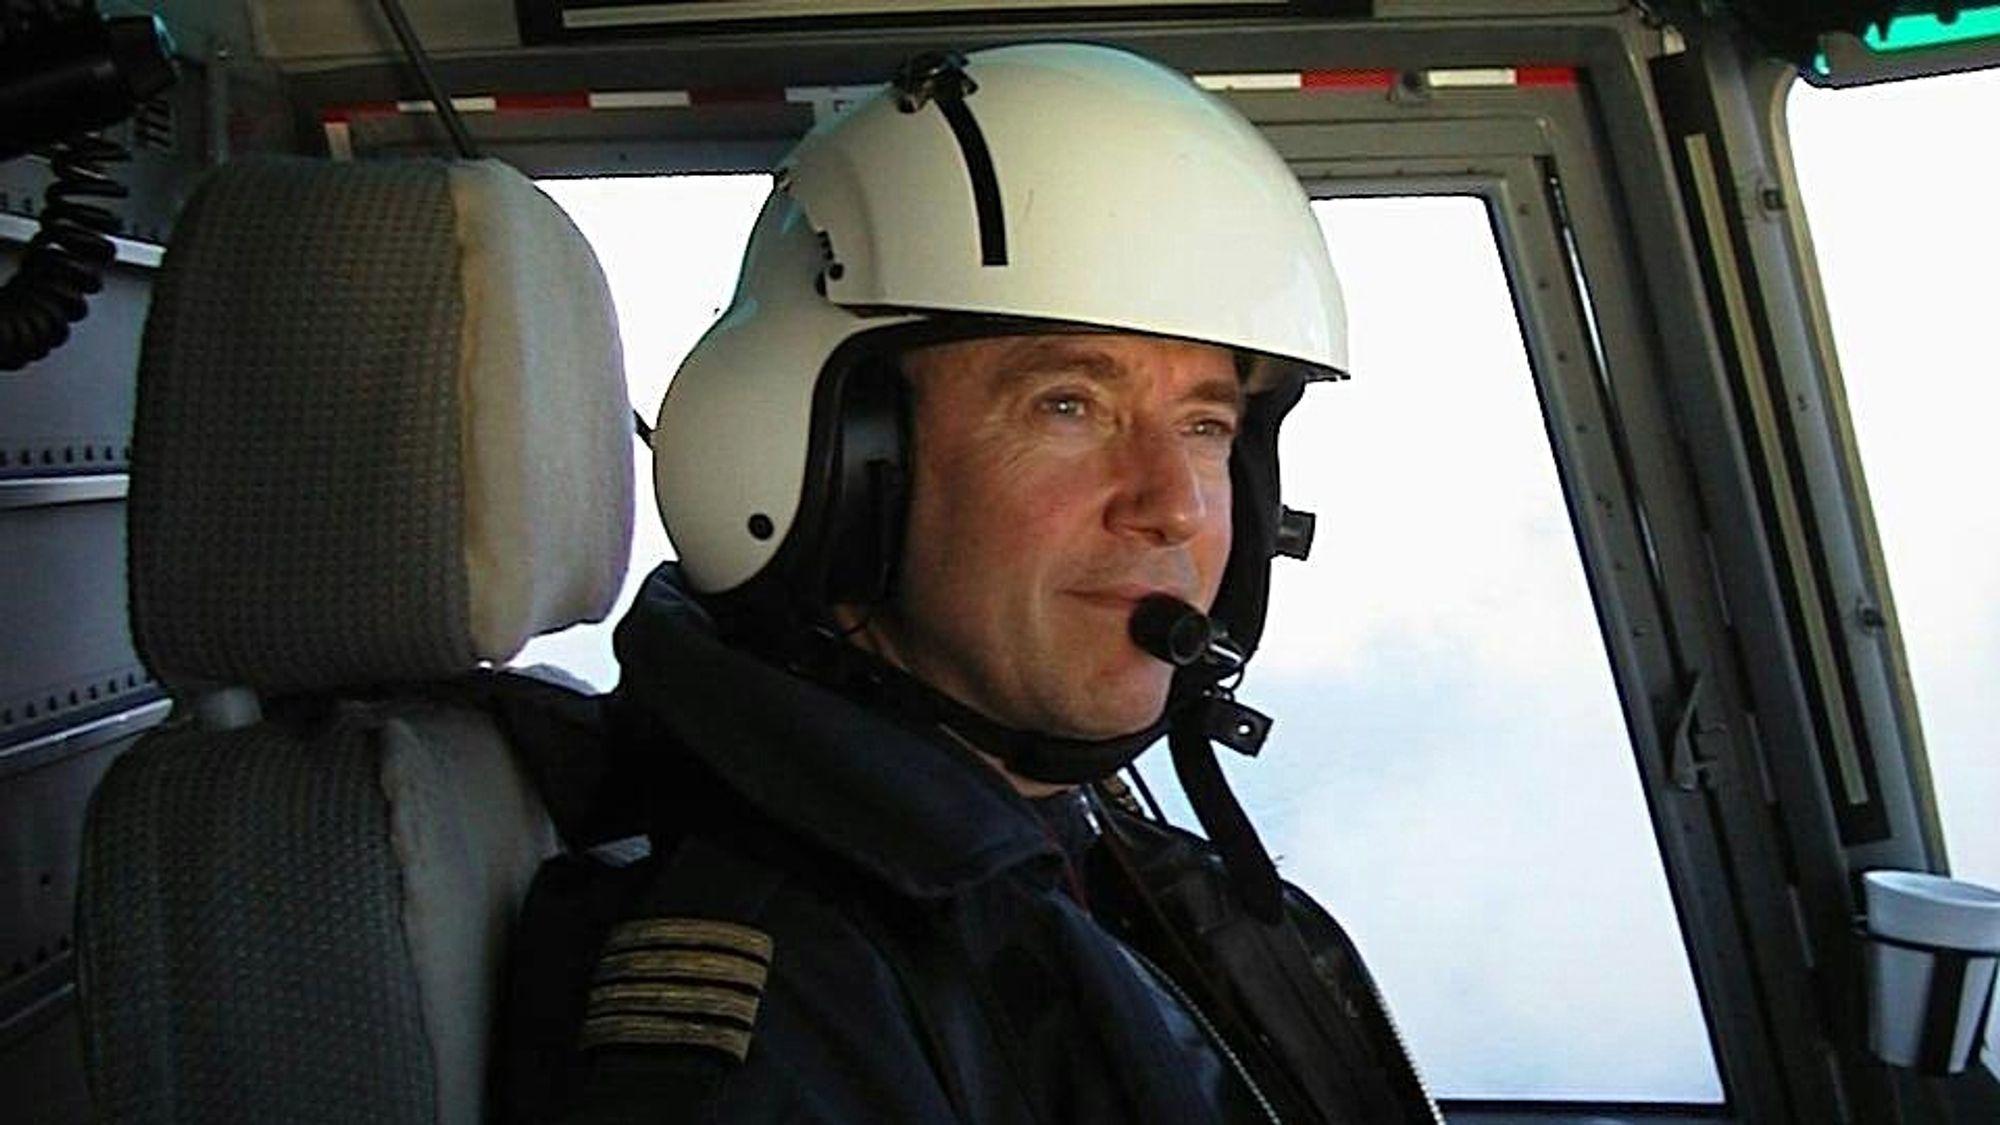 Yrkesskadet: Helikopterpilot Amund-Ragnar Bjerkeseth er svært kritisk til bransjen og myndighetenes håndtering av støyskader hos piloter.